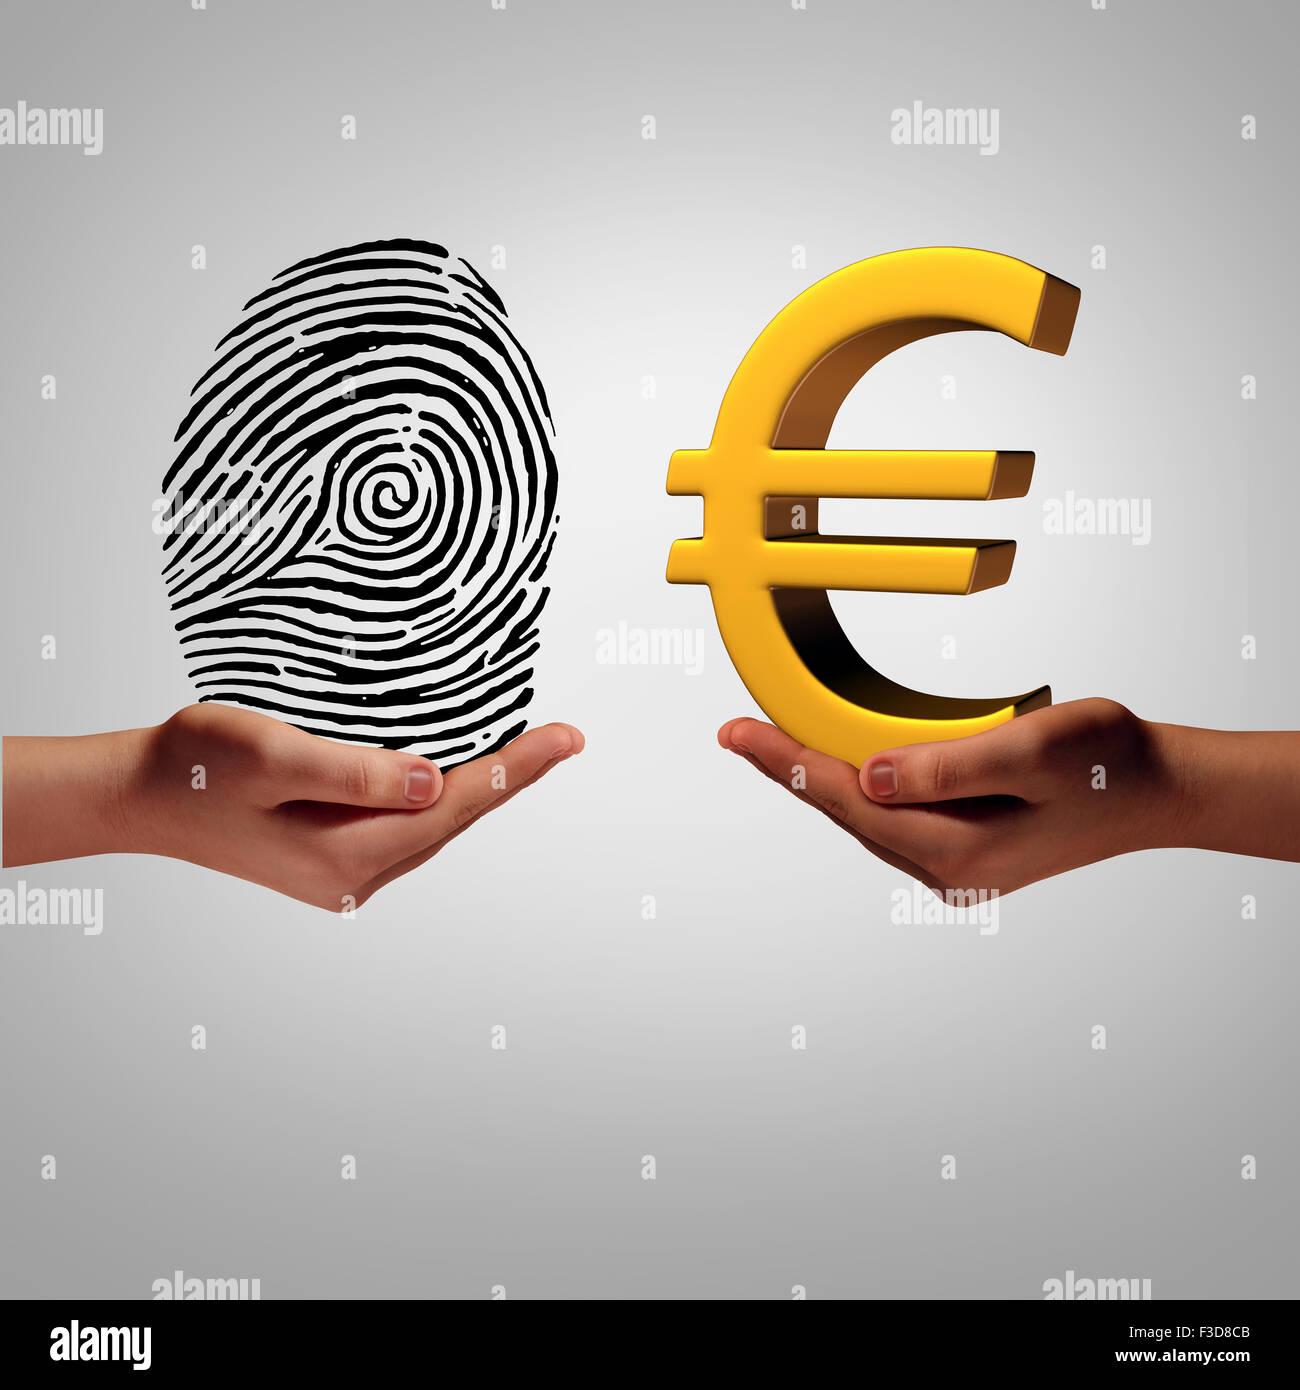 Europamarkt Informationen Und Persönlichen Daten